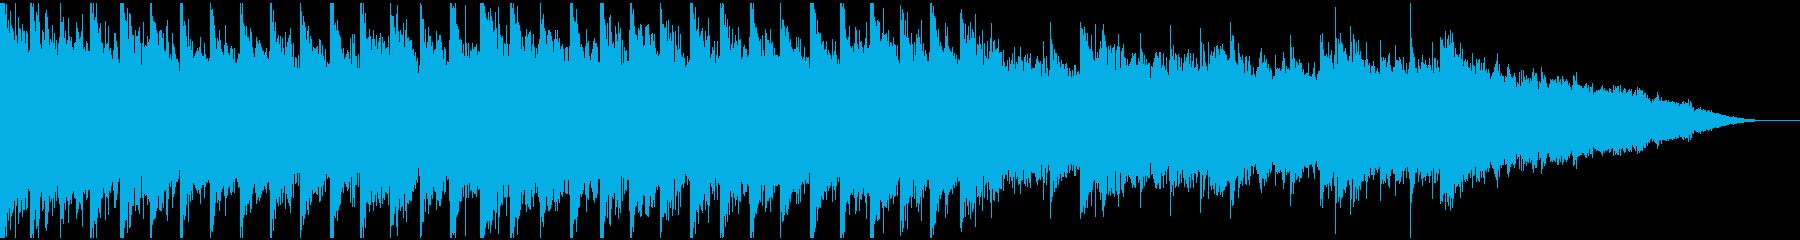 企業VP37,コーポレート,明るい30秒の再生済みの波形